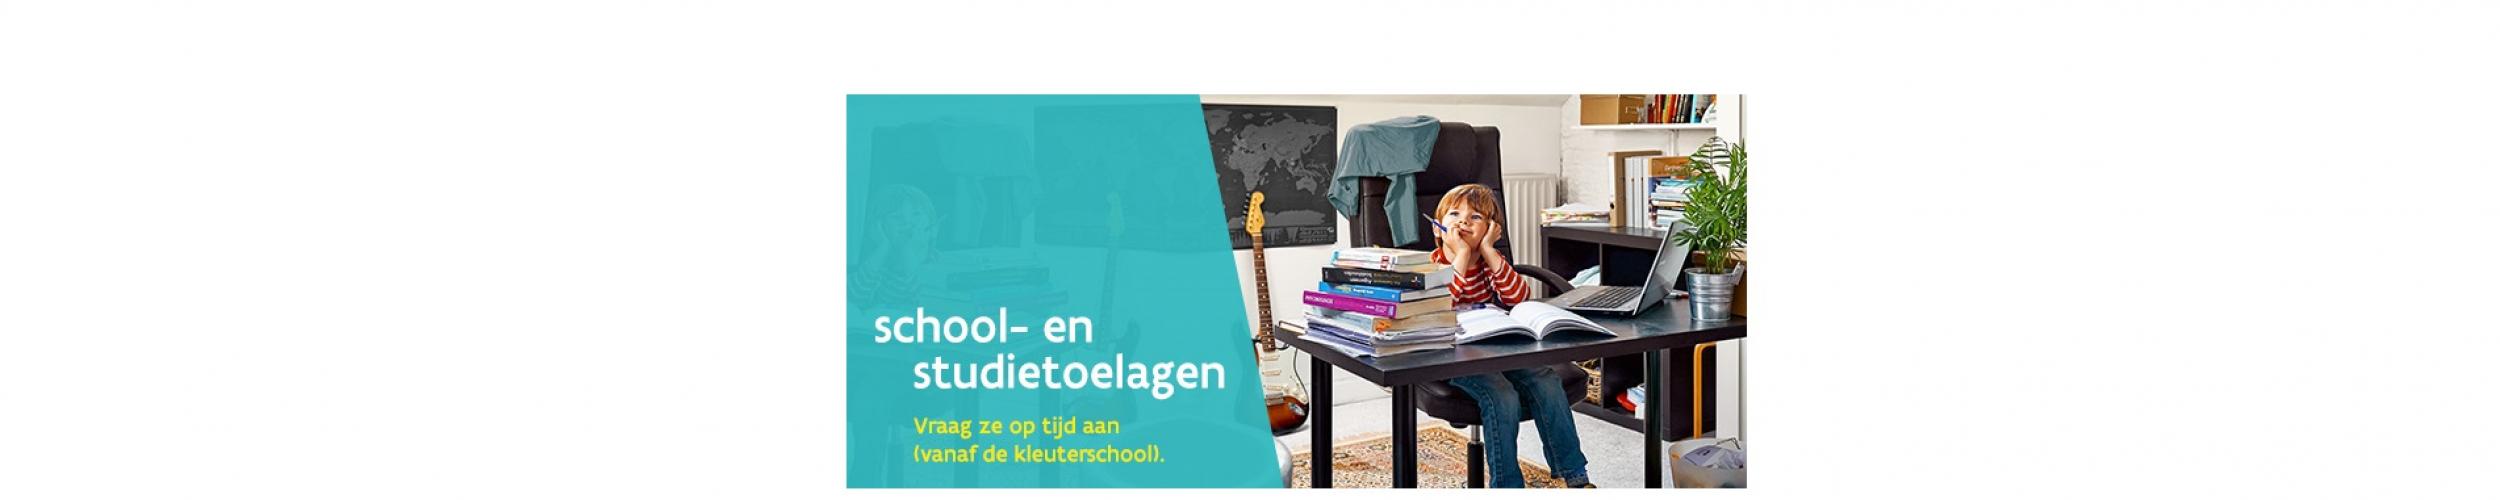 School- en studietoelagen